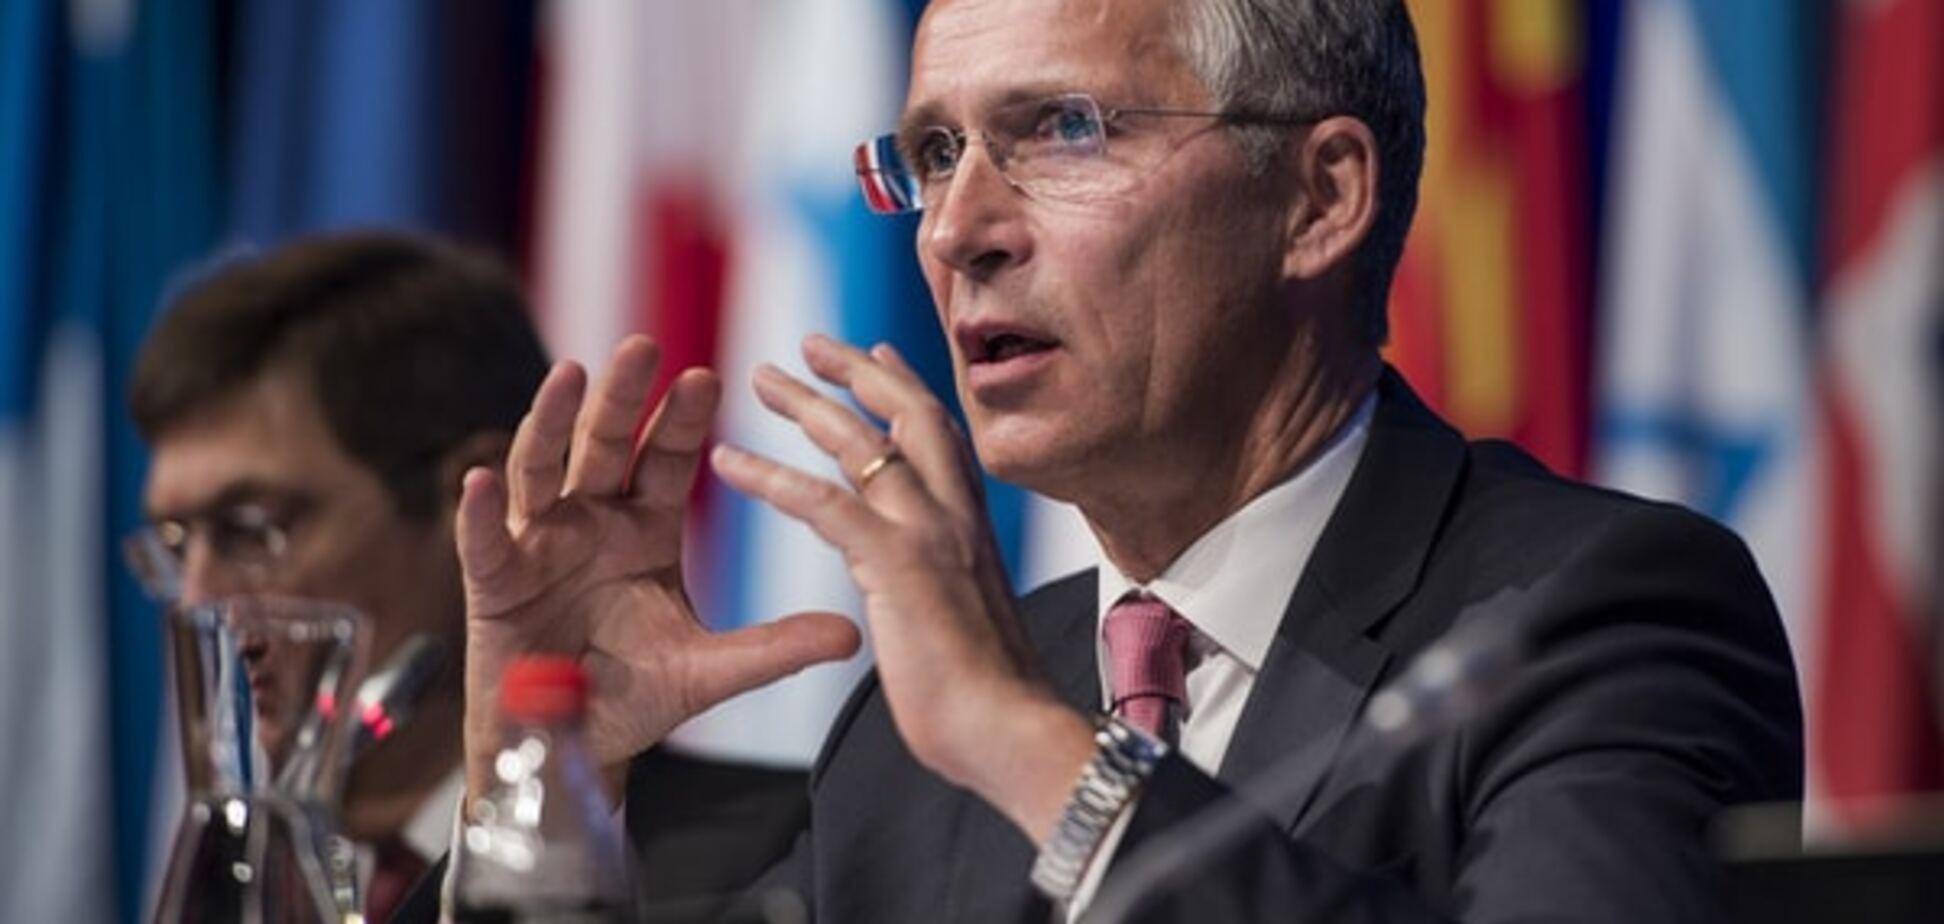 Генсек НАТО закликав передати винних у катастрофі Boeing суду